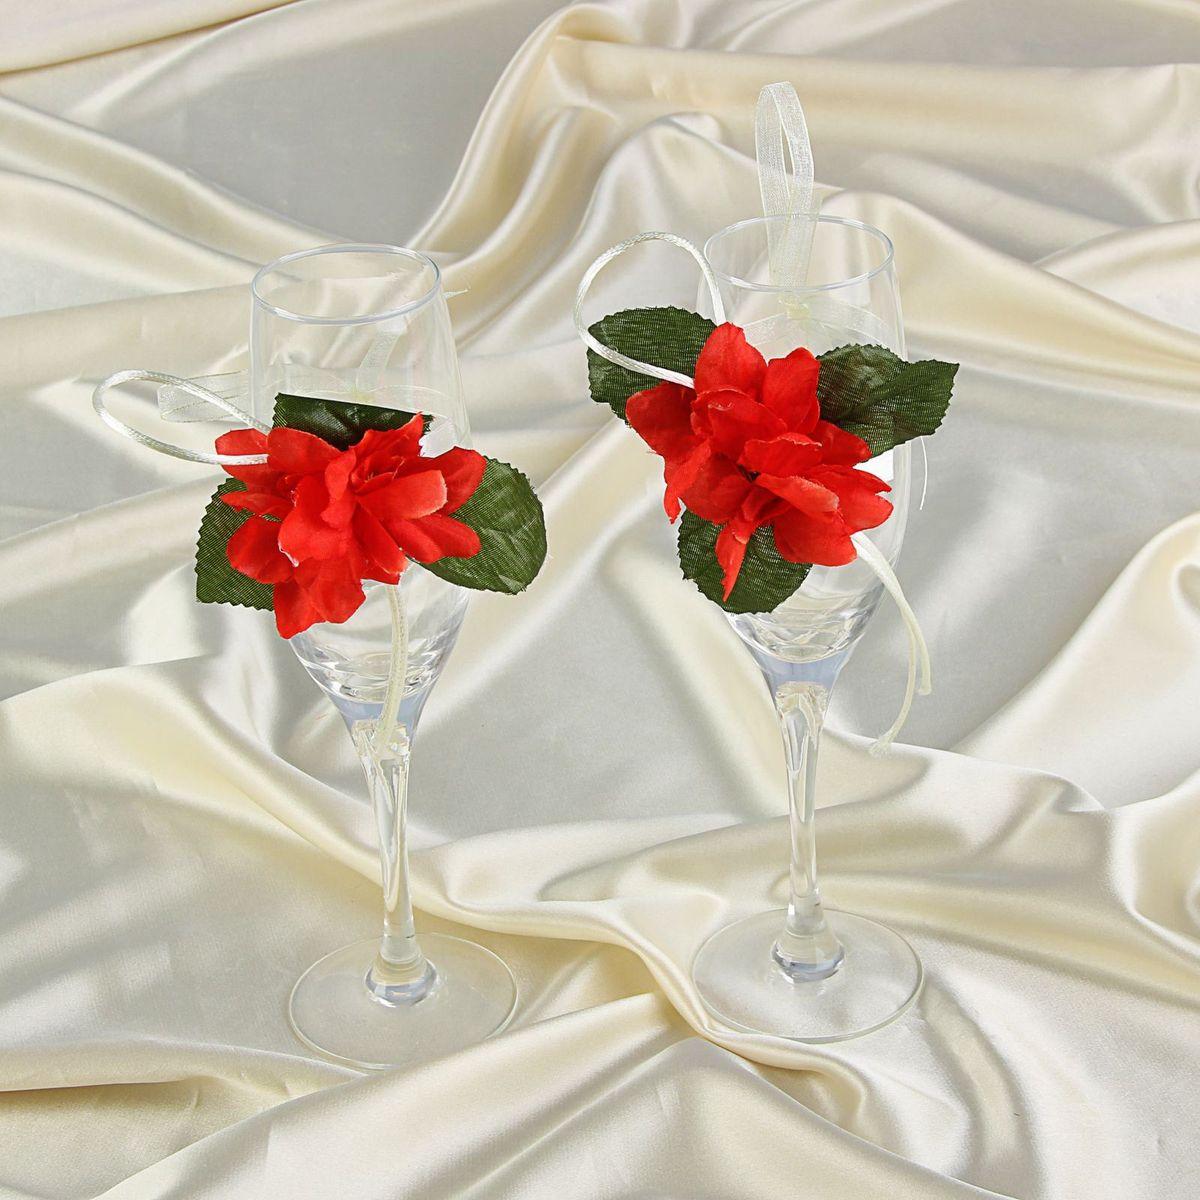 Sima-land Декор на бокалы Bokal-18, цвет: красный, 2 штMB860Декор на бокалы, набор 2 шт, - то, без чего не проходит ни одна церемония бракосочетания. Изысканный и утонченный аксессуар будет выигрышно смотреться в зале регистрации и за банкетным столом. Этот символ можно сохранить и на последующие годовщины свадьбы, украсив им бокал шампанского и вспоминая счастливый день.